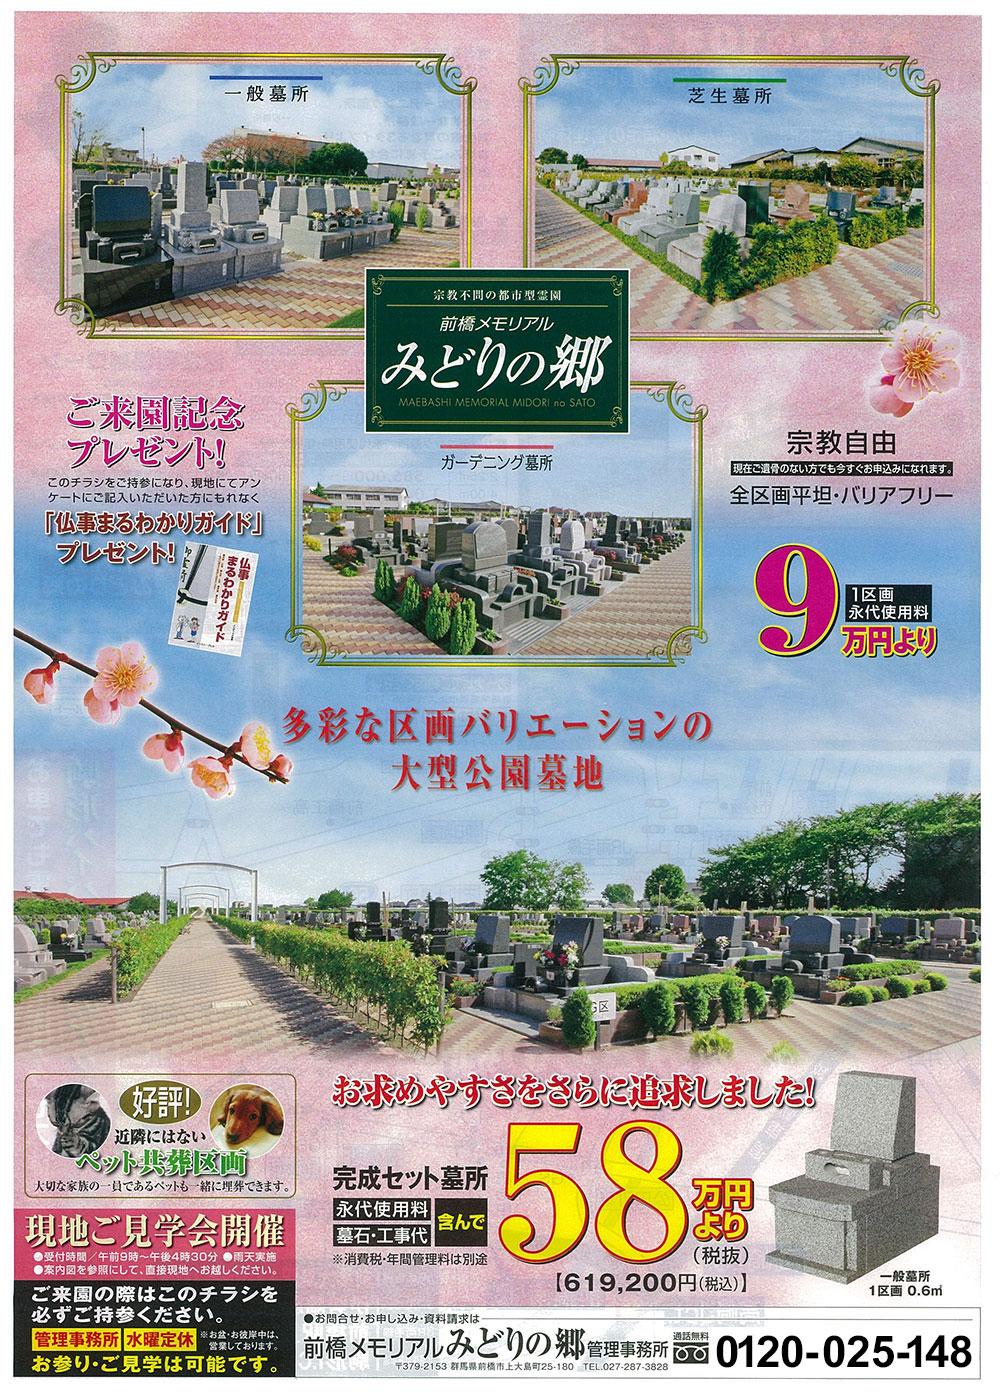 前橋メモリアルみどりの郷チラシ(表)2016年01月